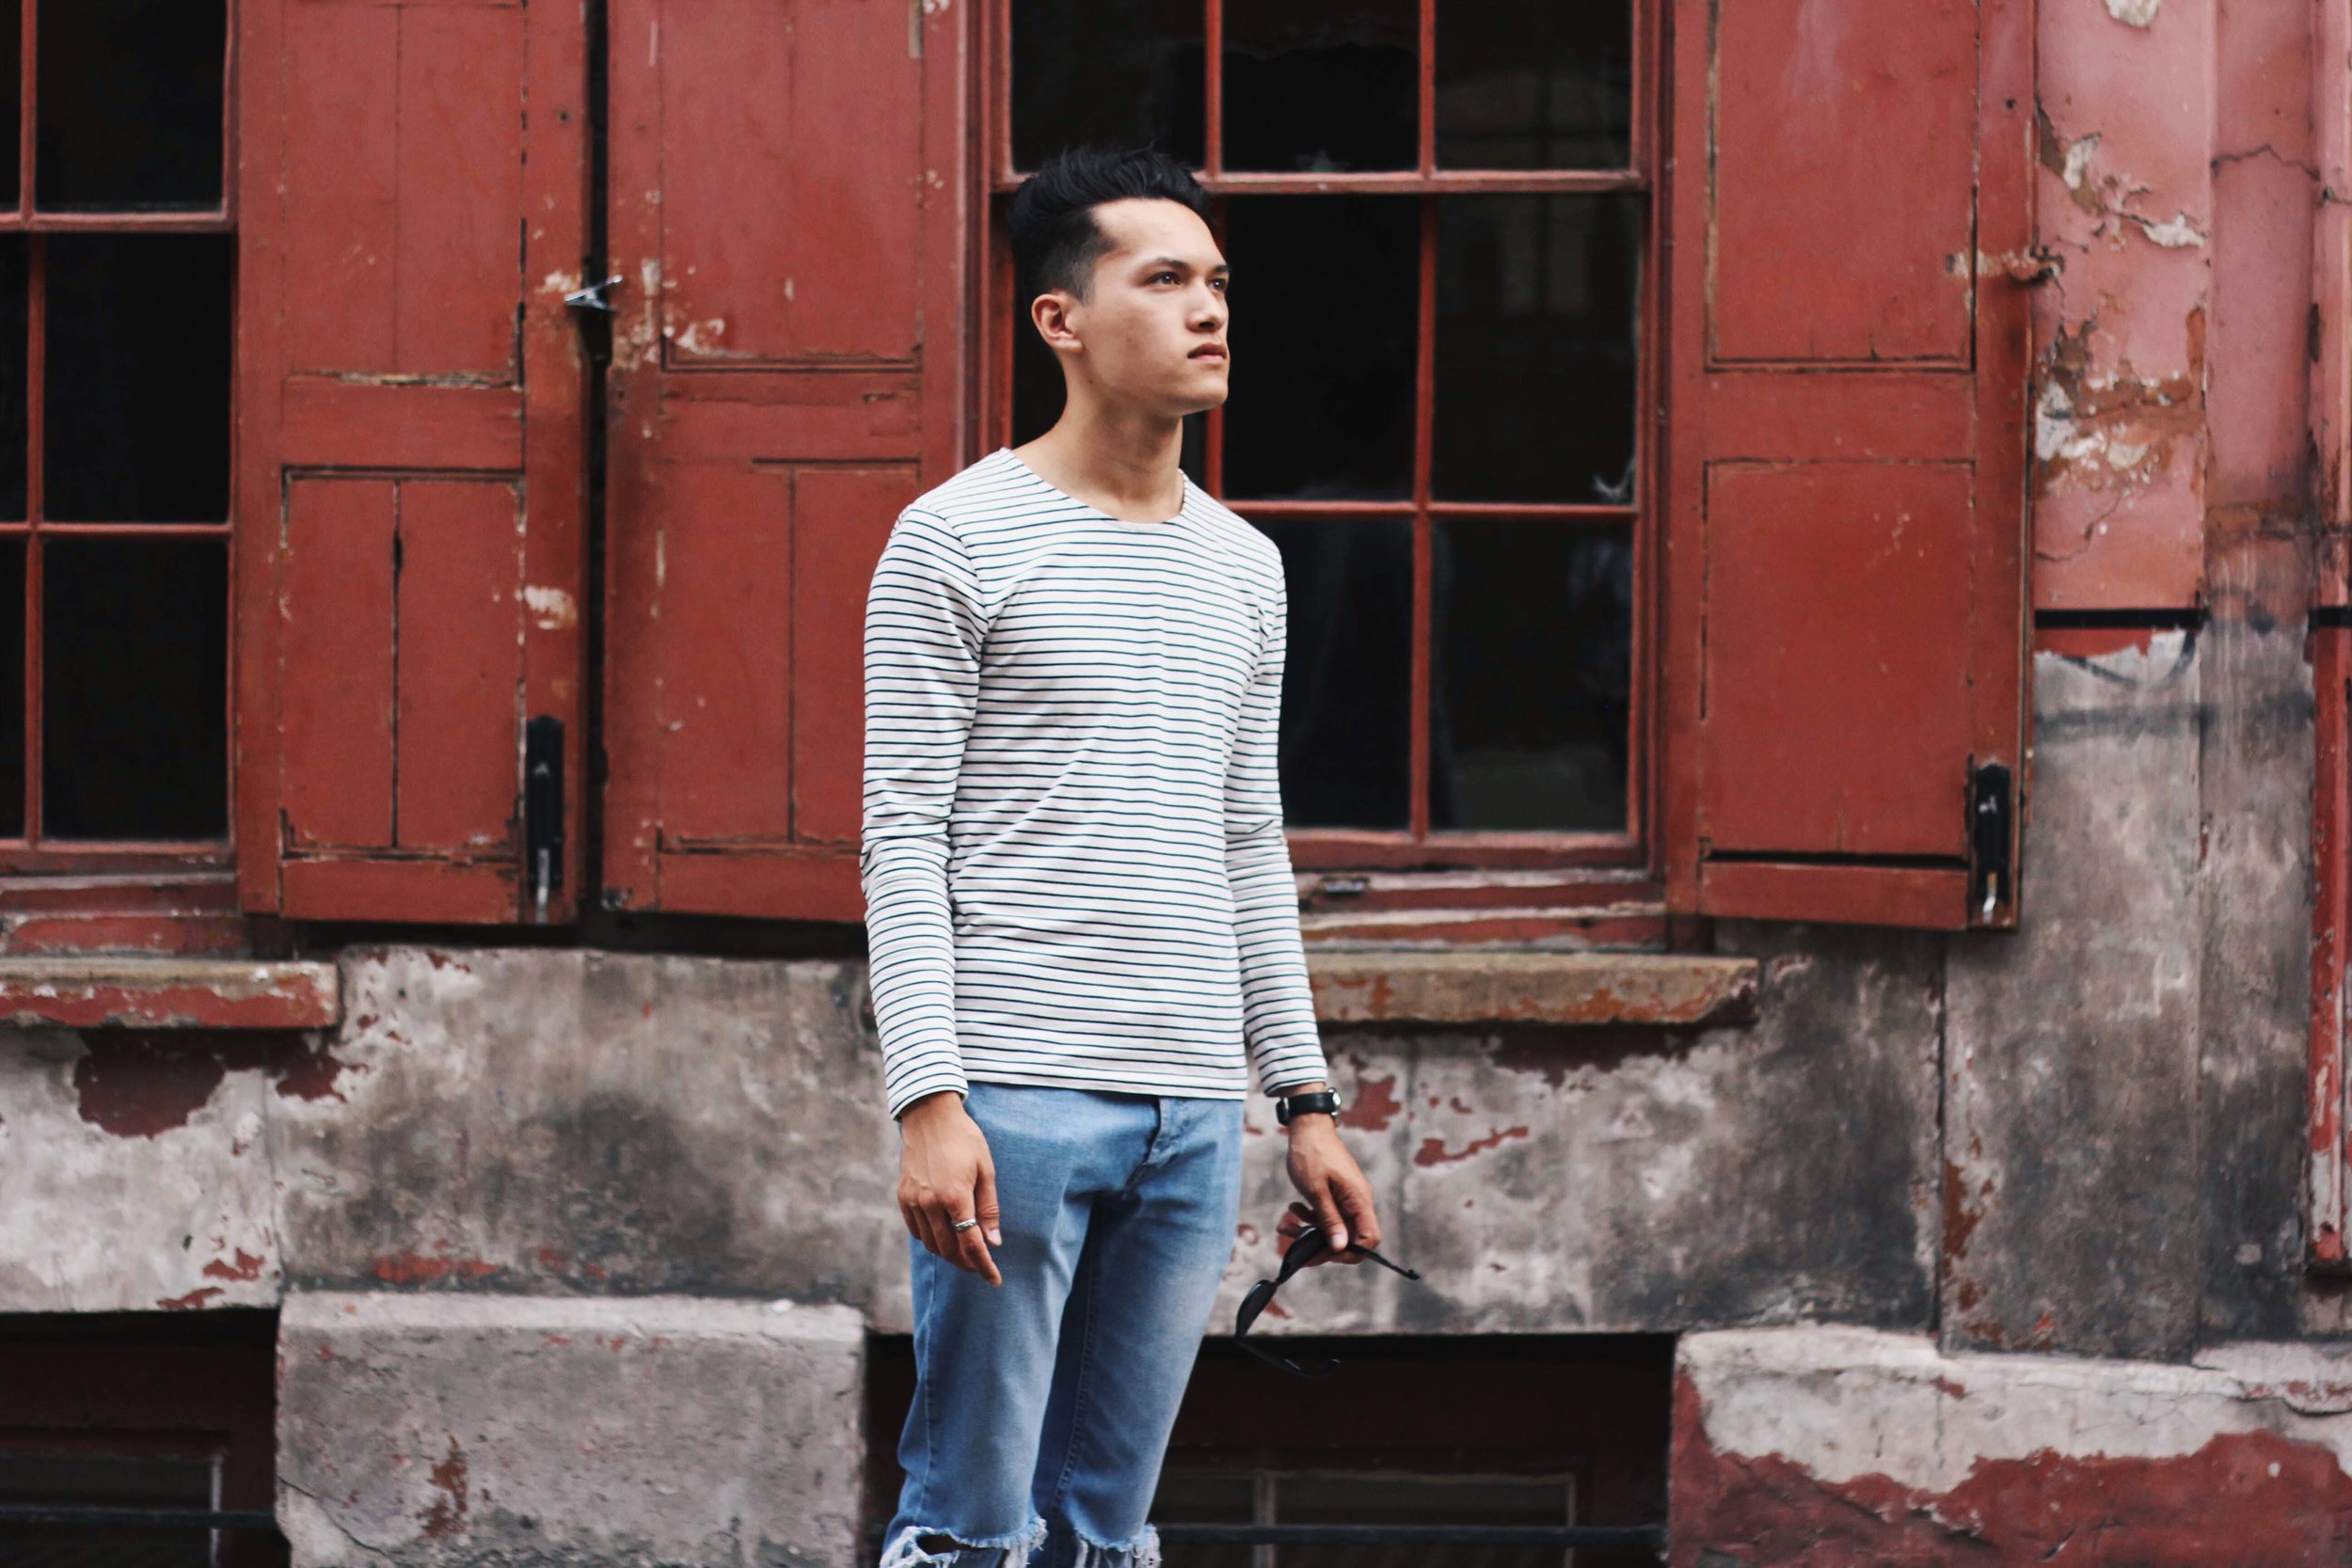 Jordan_Bunker_stripey_tees_ripped_jeans_1.jpg